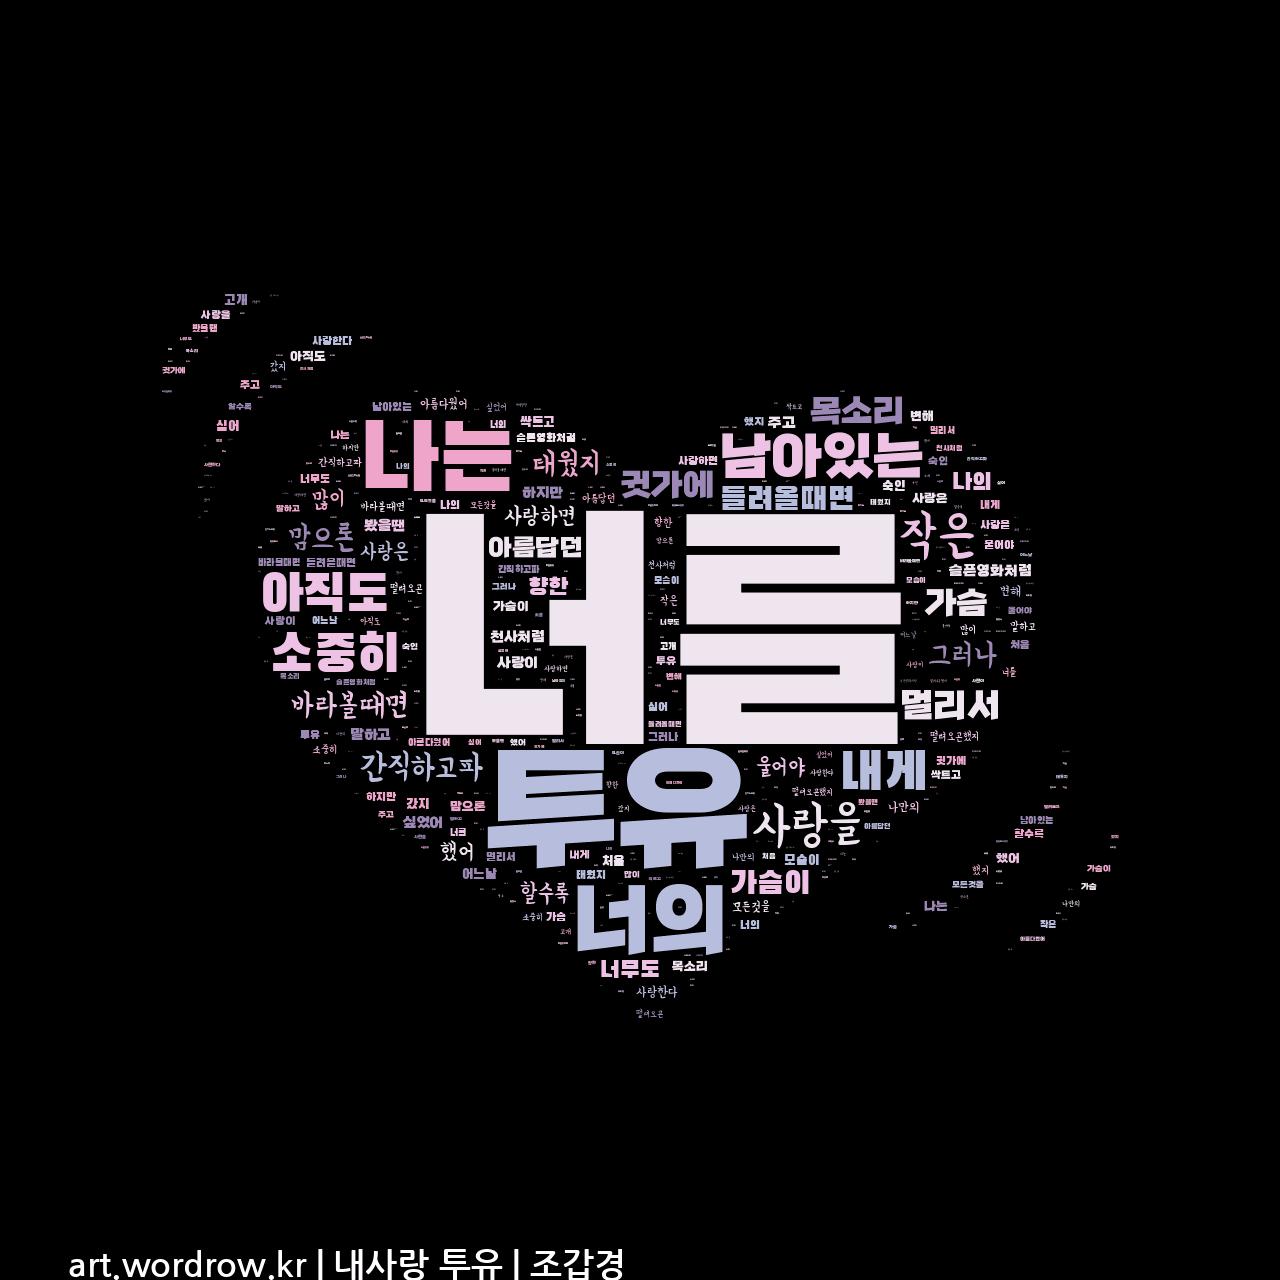 워드 클라우드: 내사랑 투유 [조갑경]-5